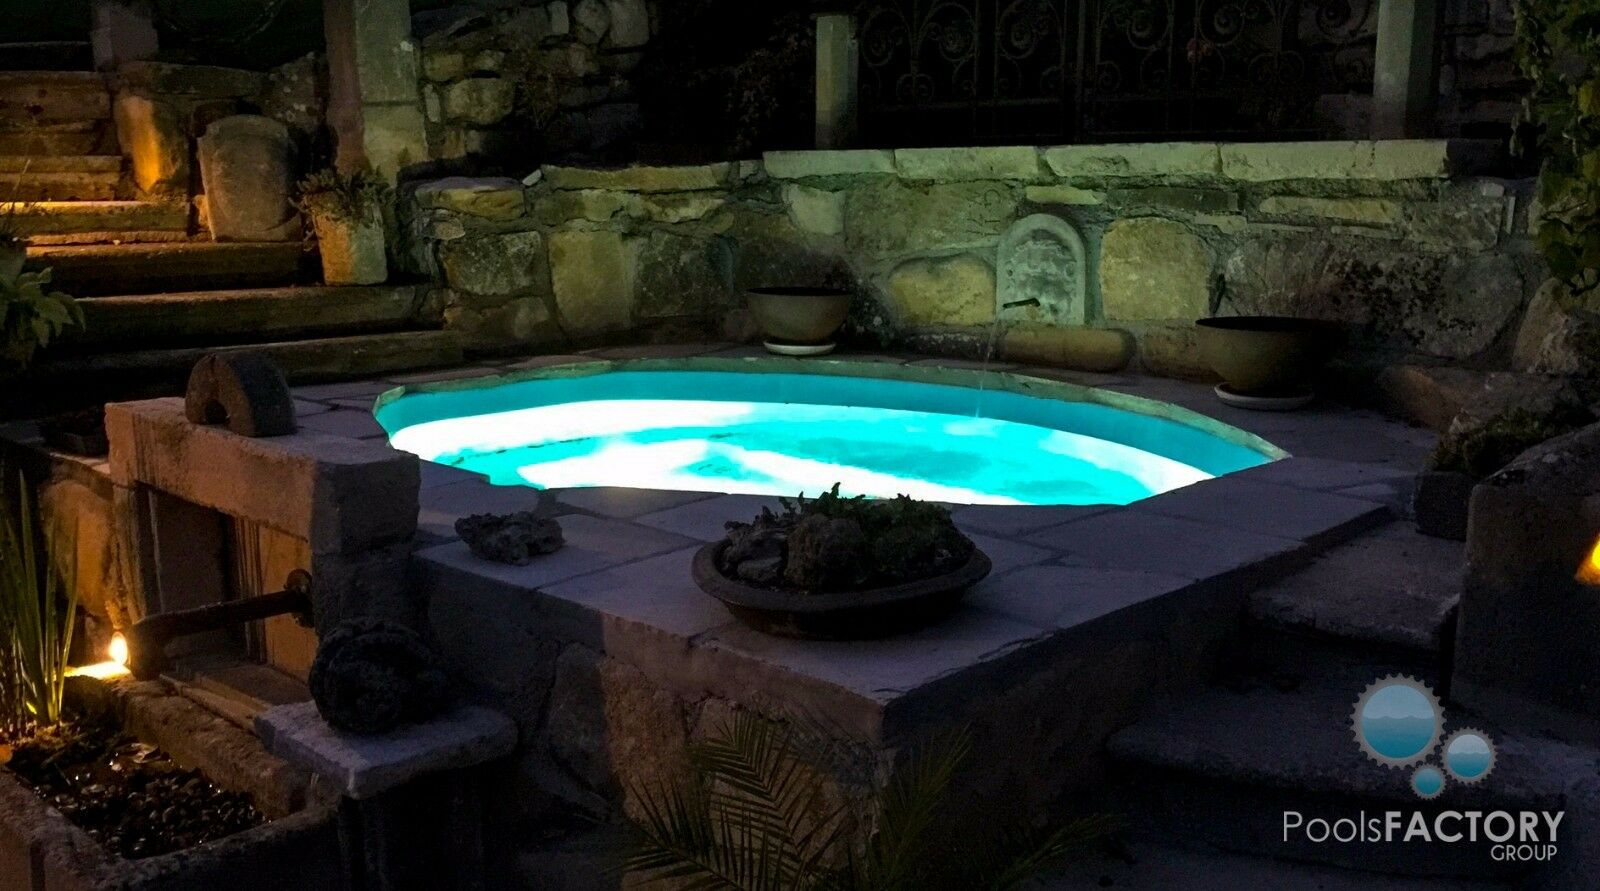 Full Size of Gebrauchte Gfk Pools Kaufen Pool Schwimmbecken 2 35x2 35x0 86 Hersteller Einbaubeckentv Einbauküche Betten Fenster Küche Verkaufen Regale Wohnzimmer Gebrauchte Gfk Pools